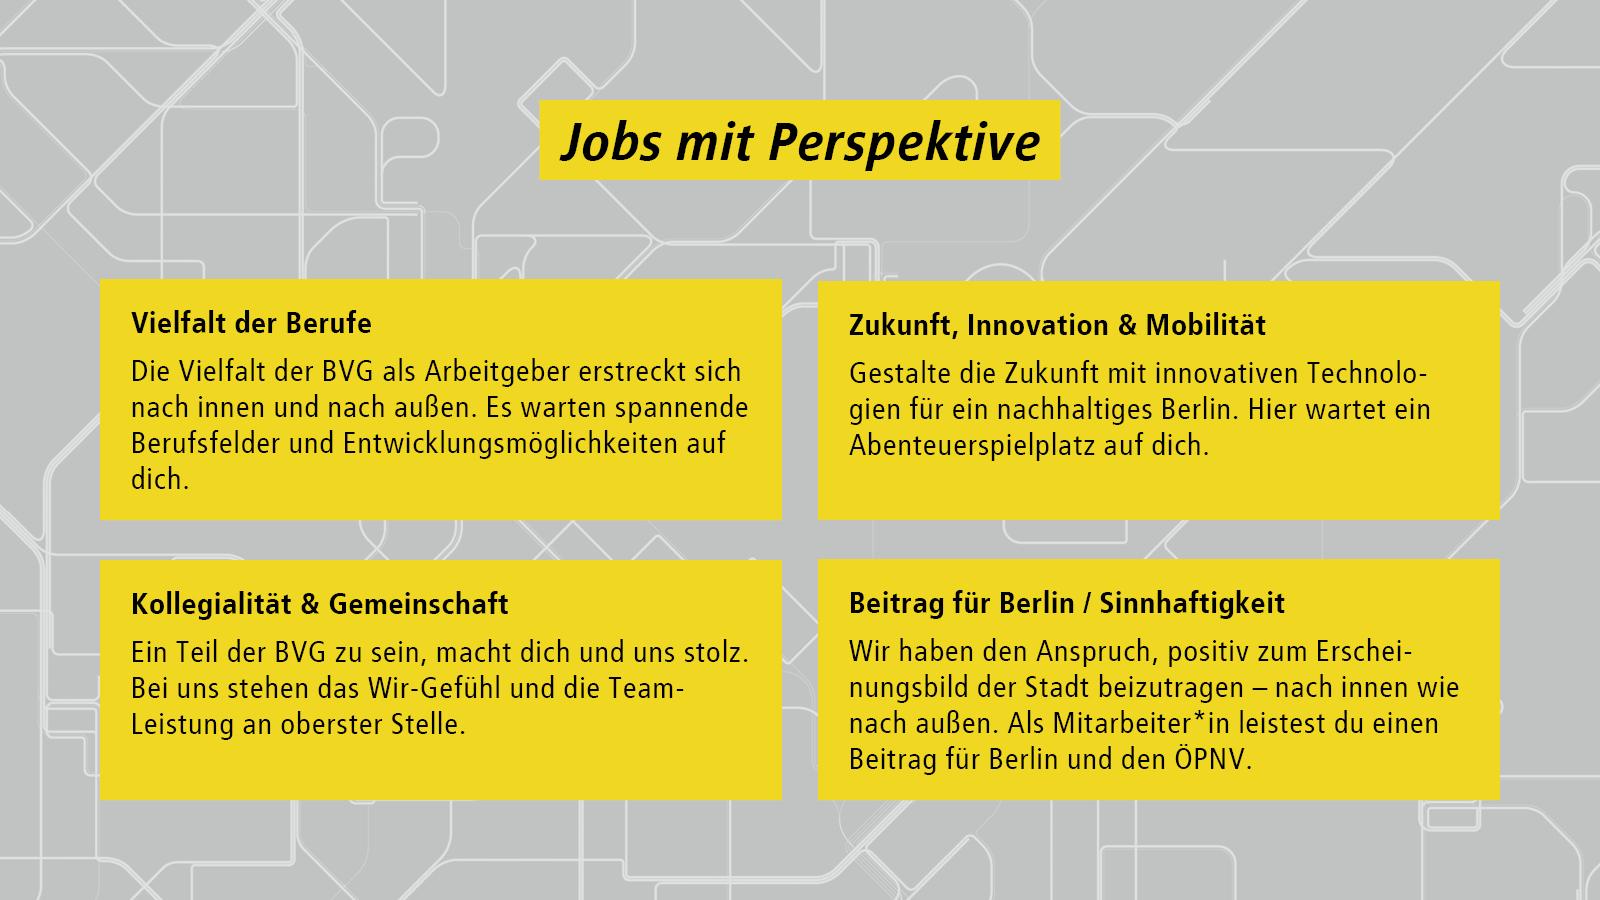 """Das Banner zeigt unter der Überschrift """"Jobs mit Perspektive"""" vier kurze Beschreibungen von Arbeitgeberwerten der BVG: Vielfalt der Berufe; Zukunft, Innovation & Mobilität; Kollegialität & Gemeinschaft; Beitrag für Berlin / Sinnhaftigkeit. Die vier Texte, die unter den Überschriften folgen, sind auch unter dem Banner im Fließtext zu lesen."""